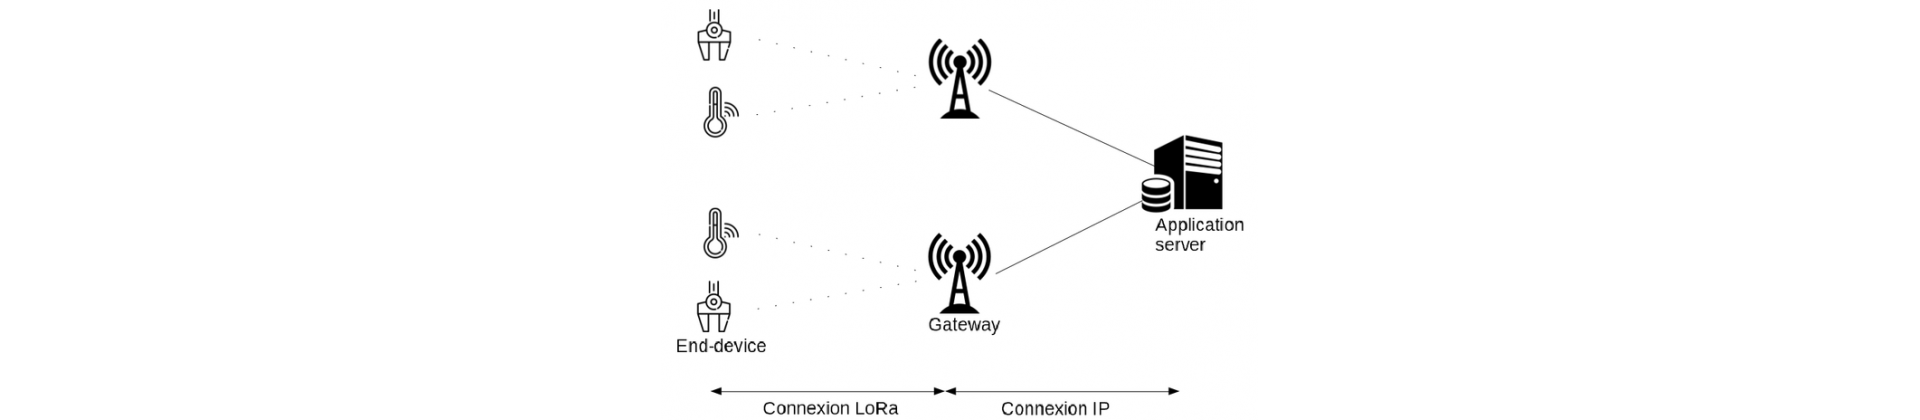 Passerelle LoRaWAN pour créer un réseau privé